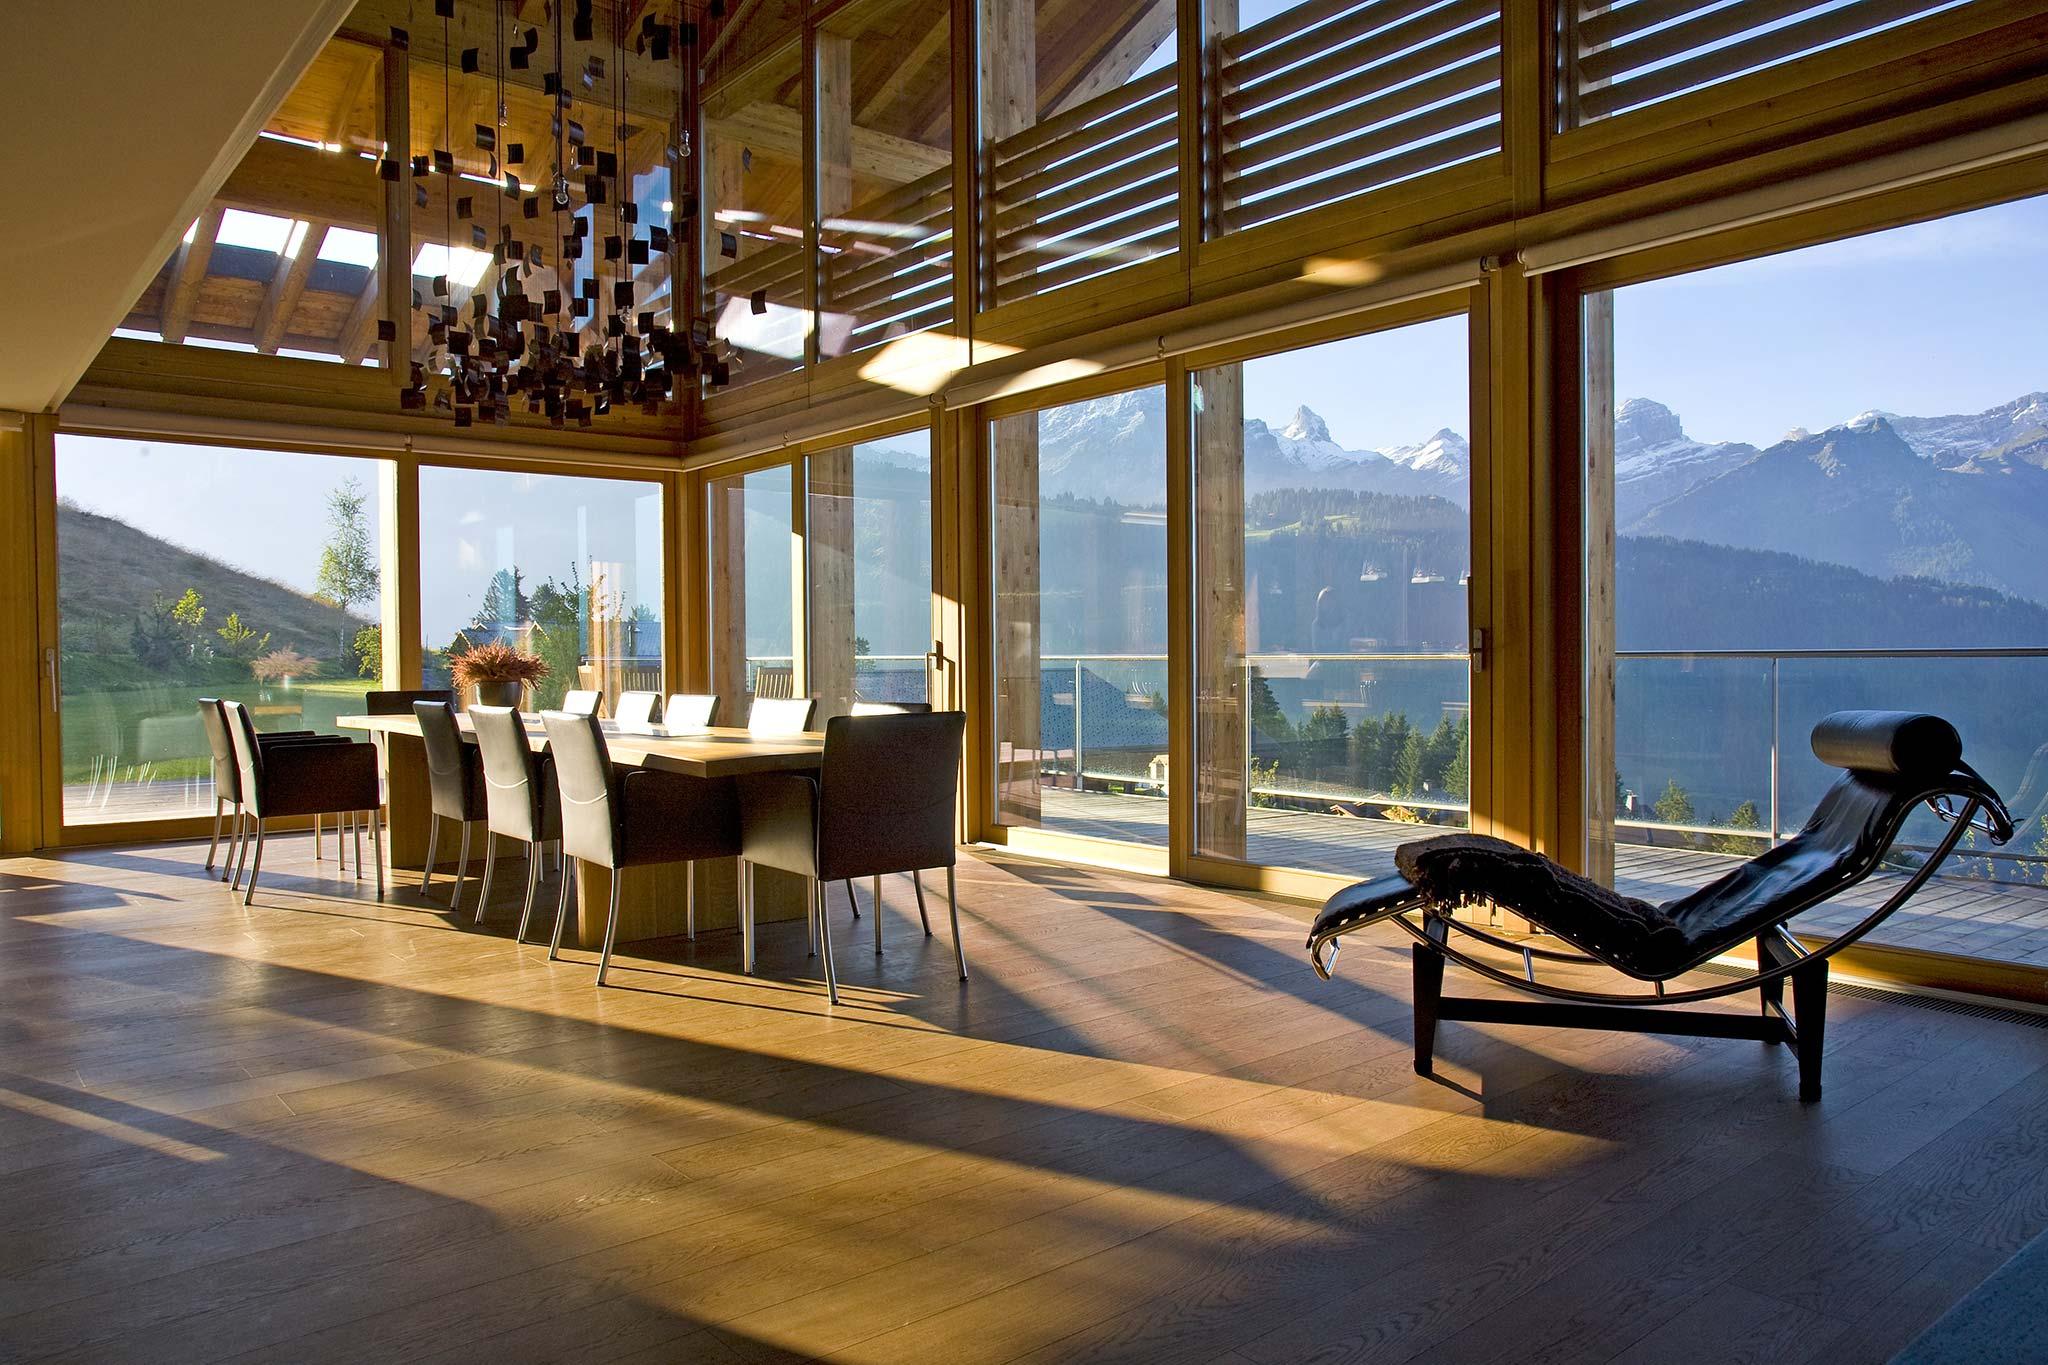 Modern Swiss Chalet Interior Design  Callender Howorth